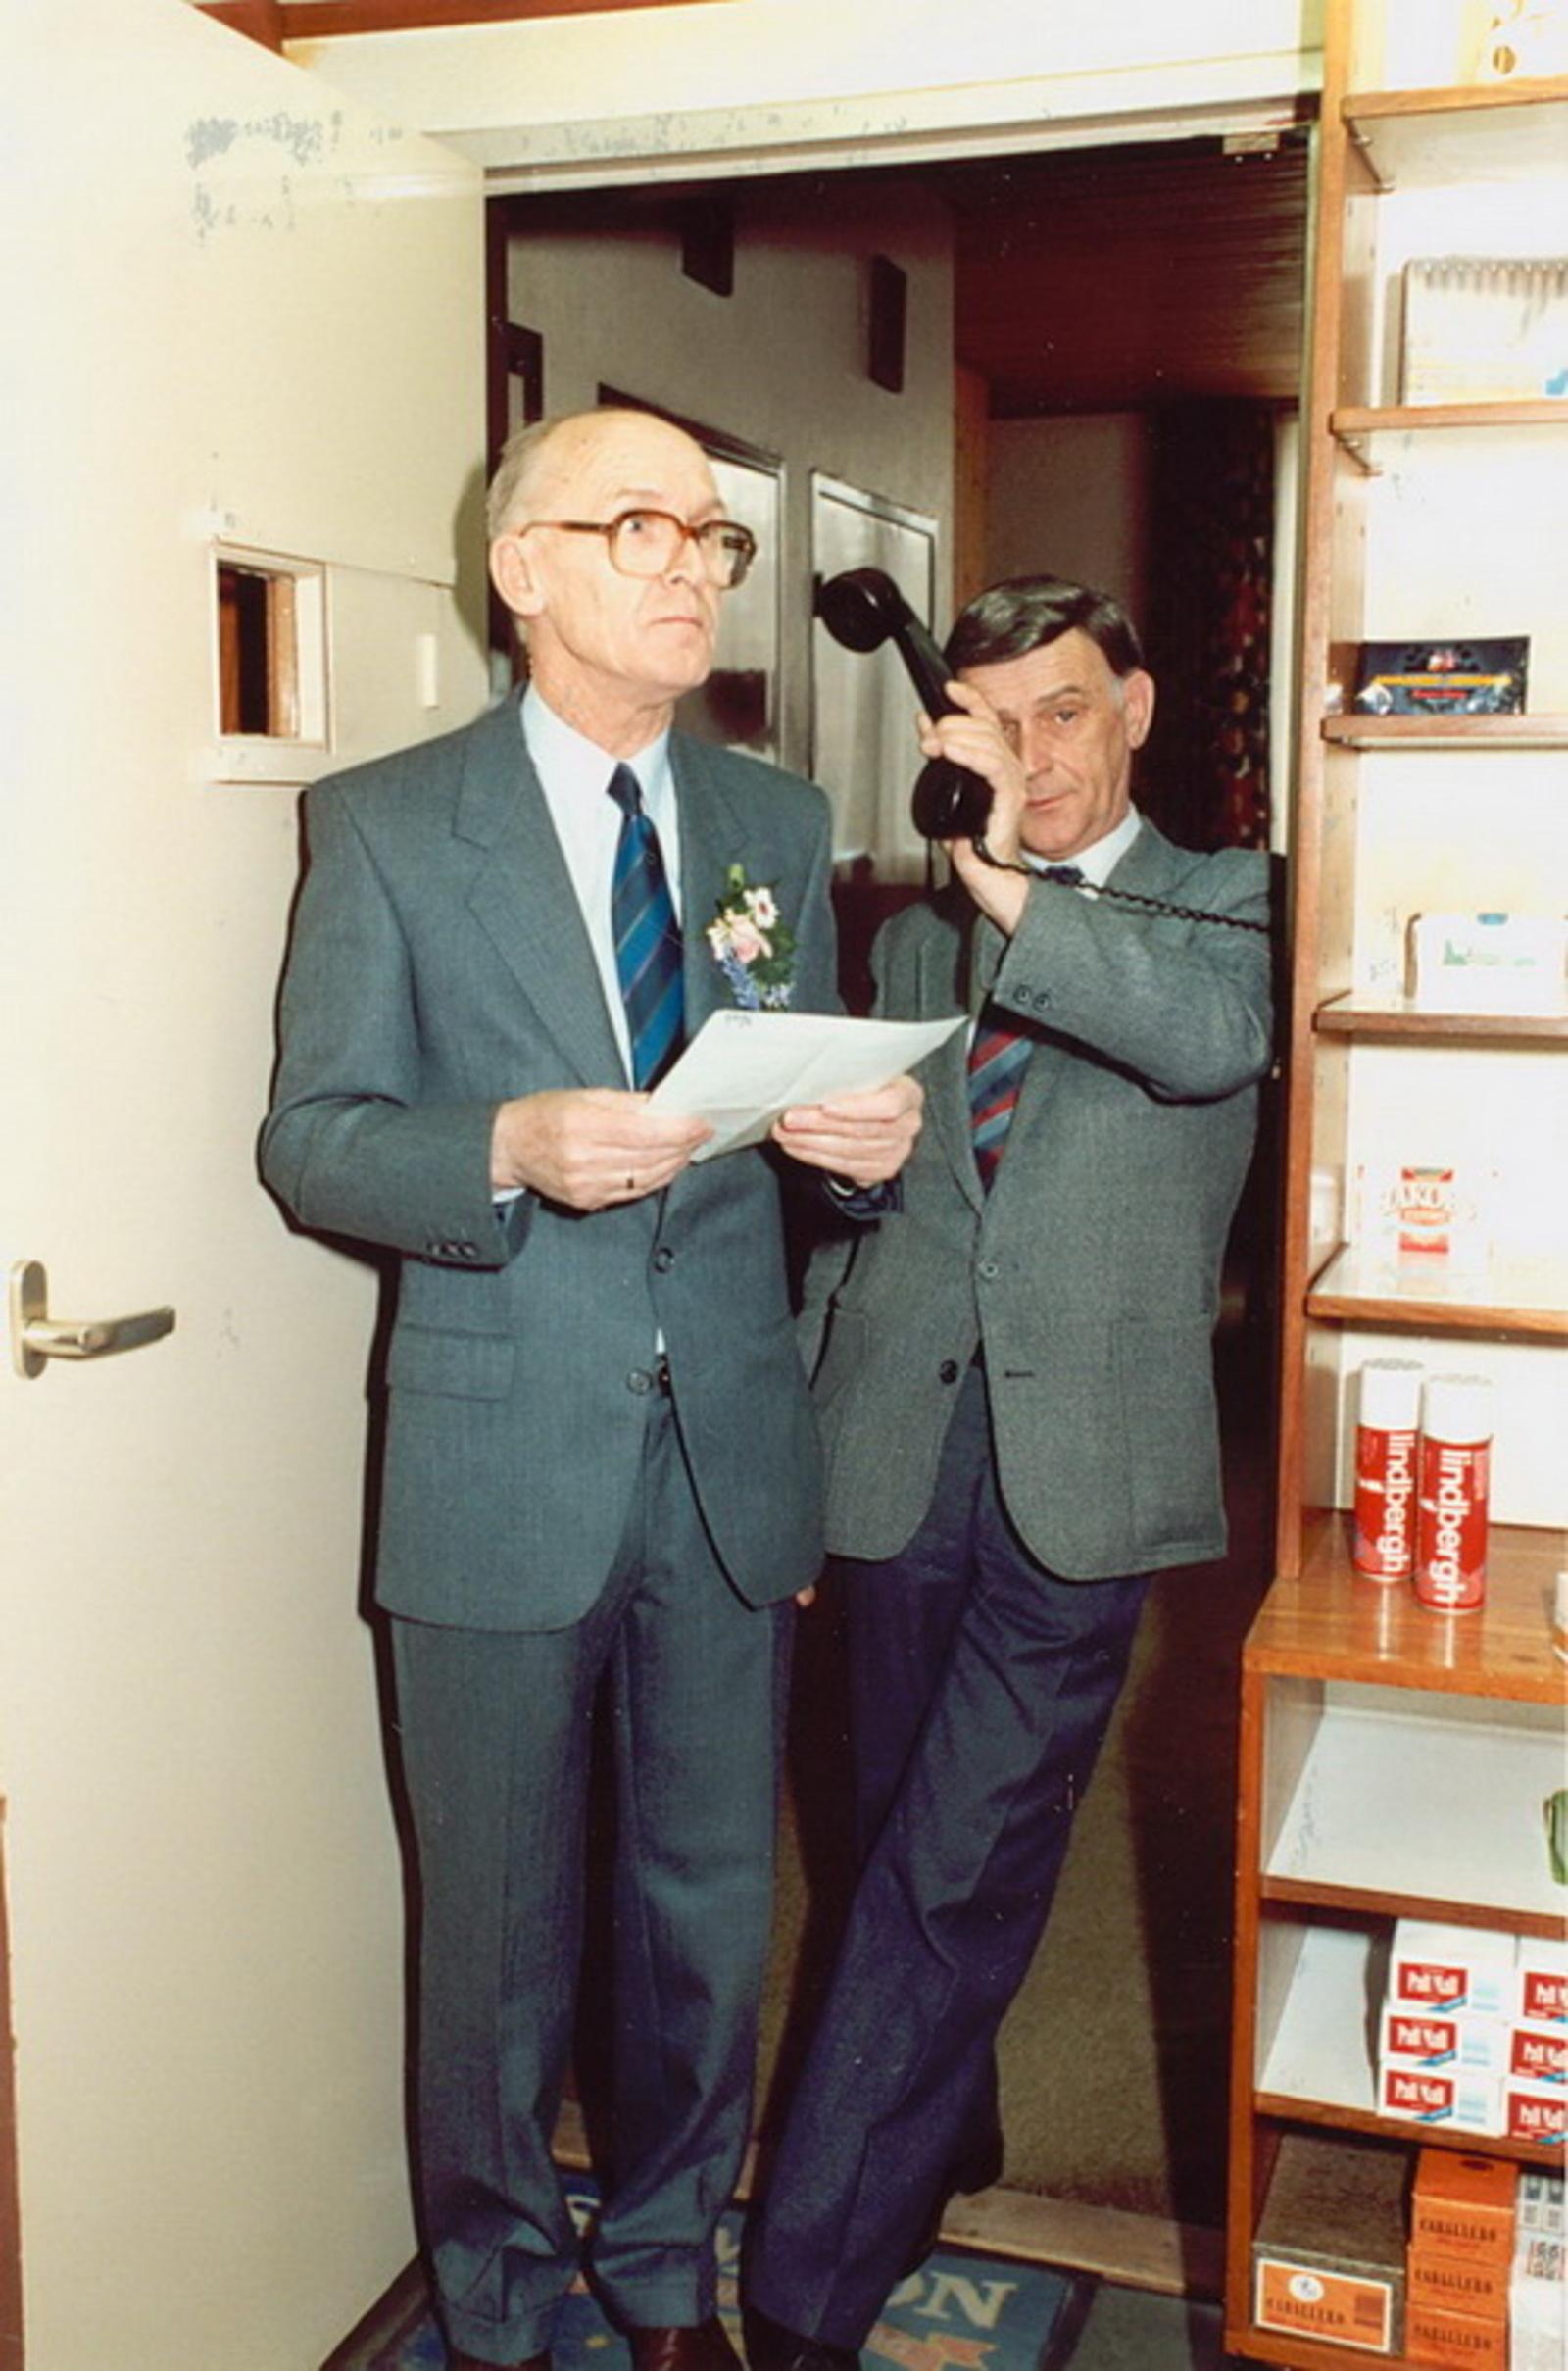 Marktlaan O 0022 1988 Sigarenboer Kraak 50jr Jub en Sluiting 18